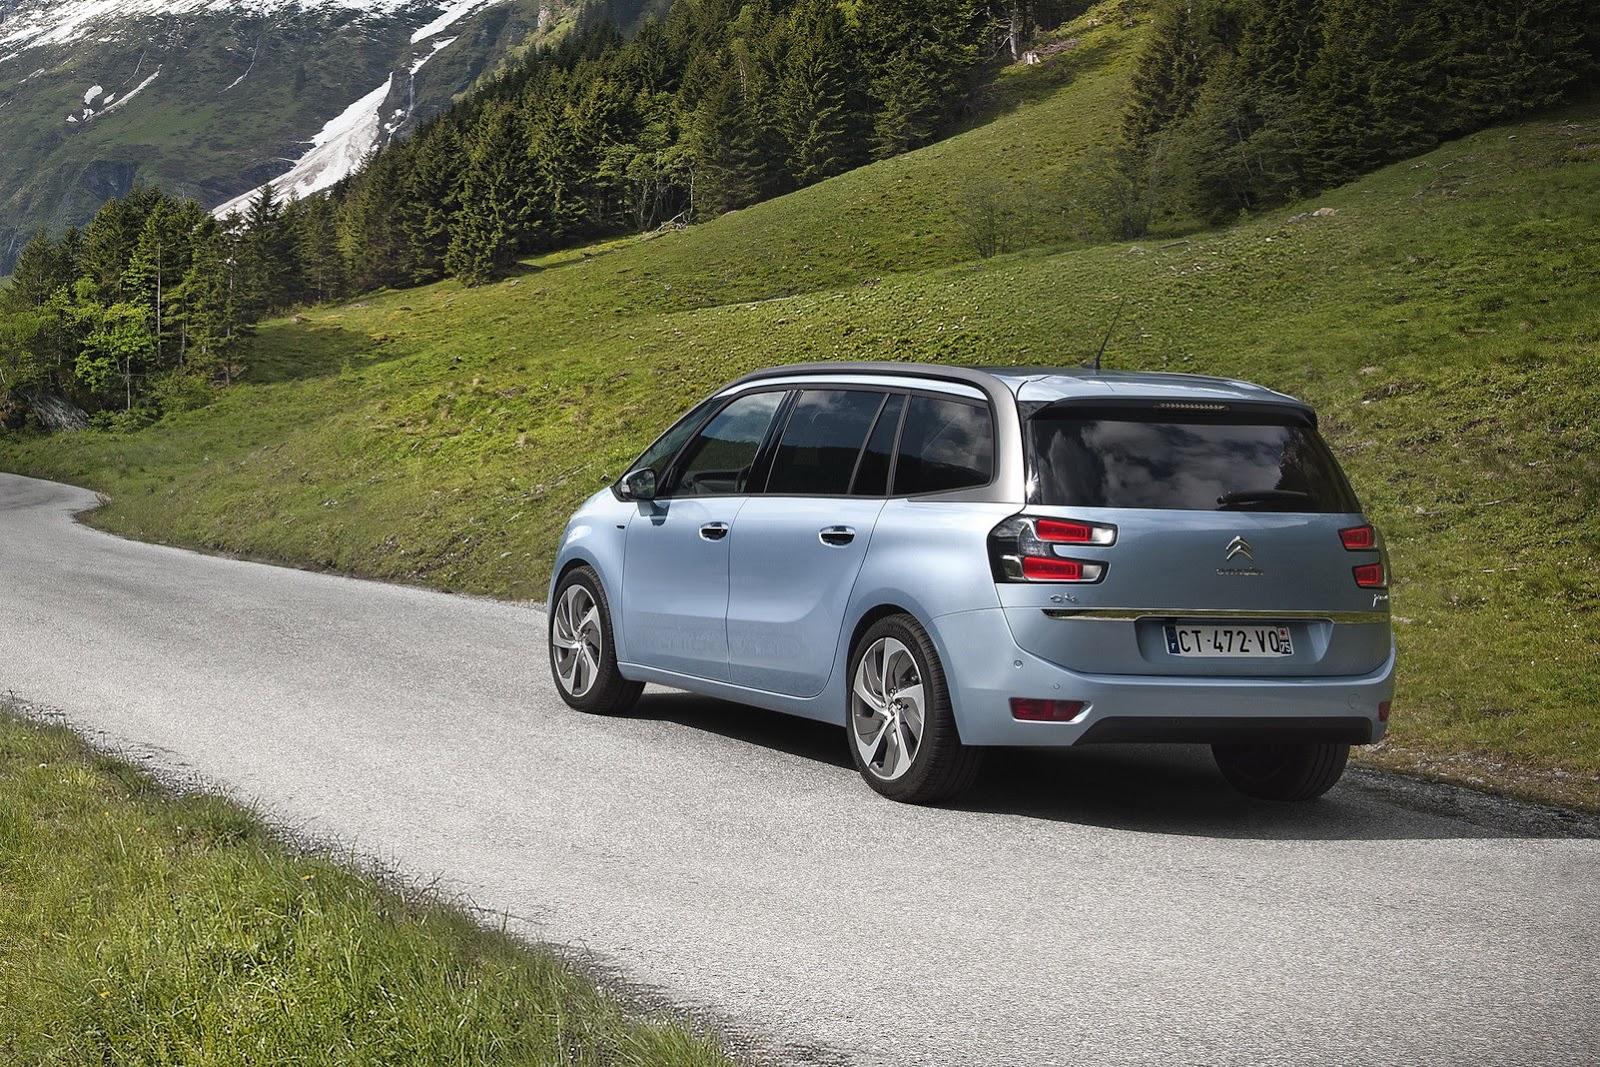 [SUJET OFFICIEL] Citroën Grand C4 Picasso II  - Page 4 Citroen-Grand-C4-Picasso-28%25255B2%25255D